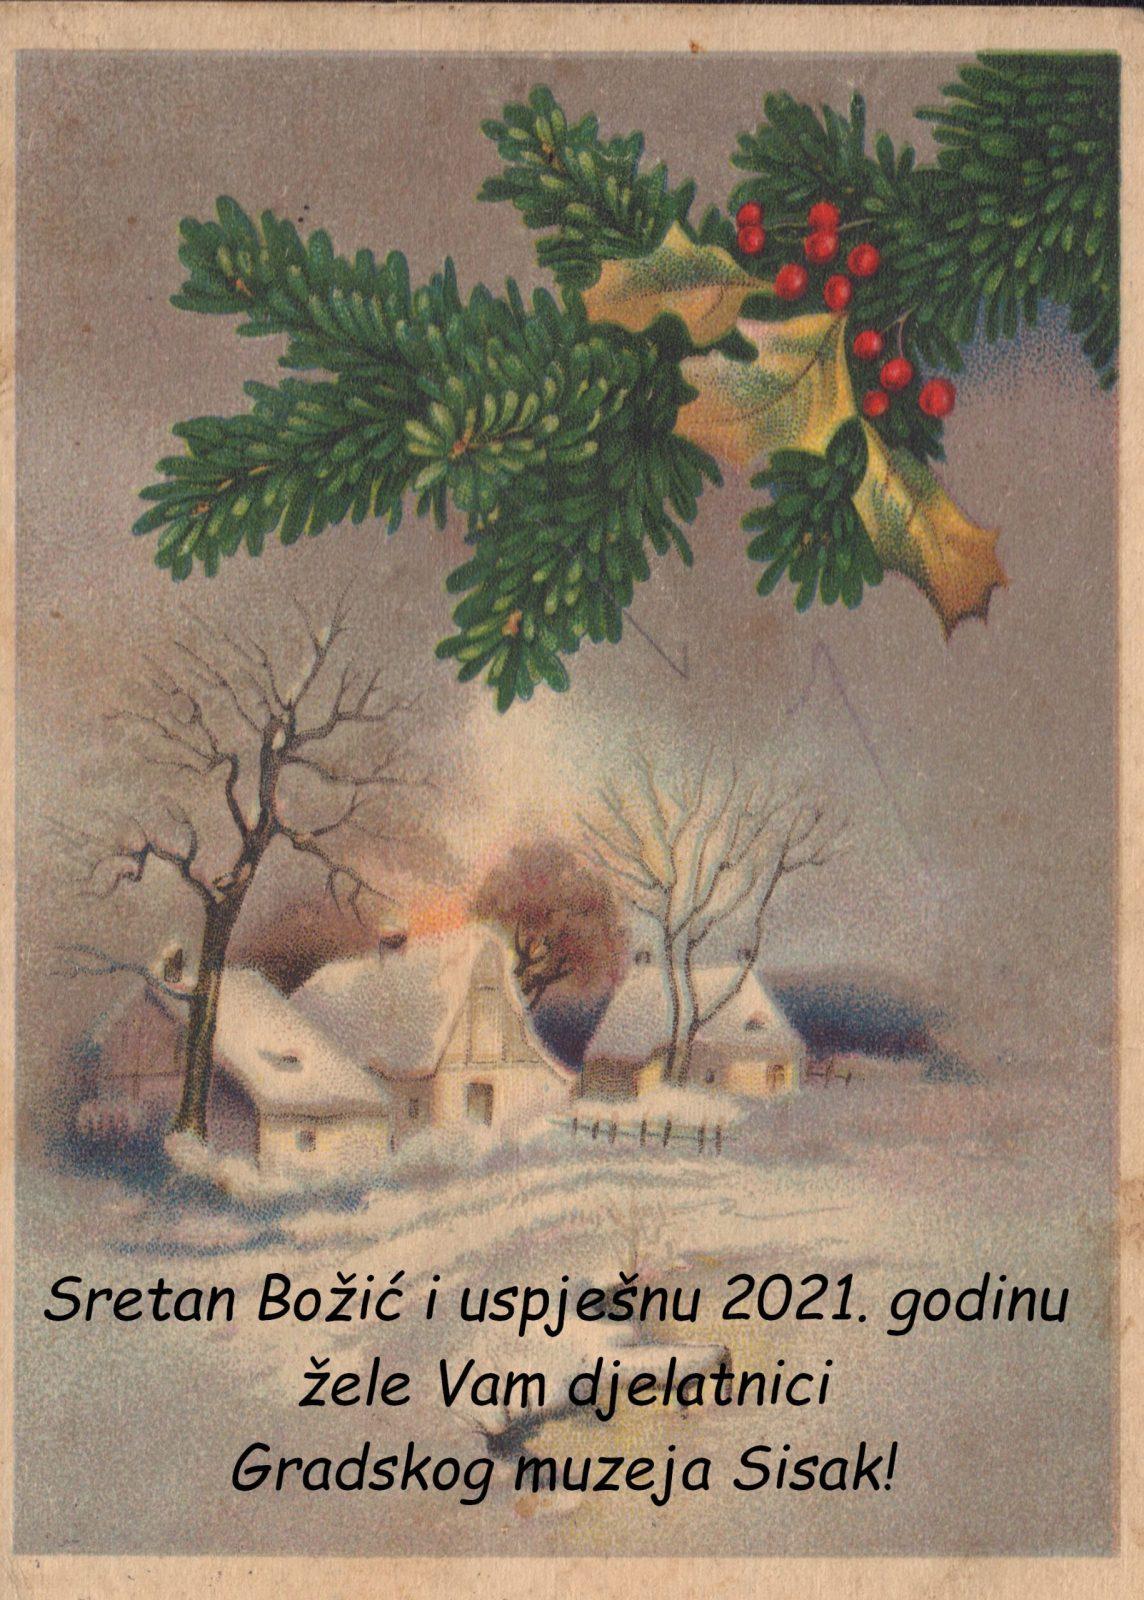 Sretan Božić i uspješna 2021. godina!